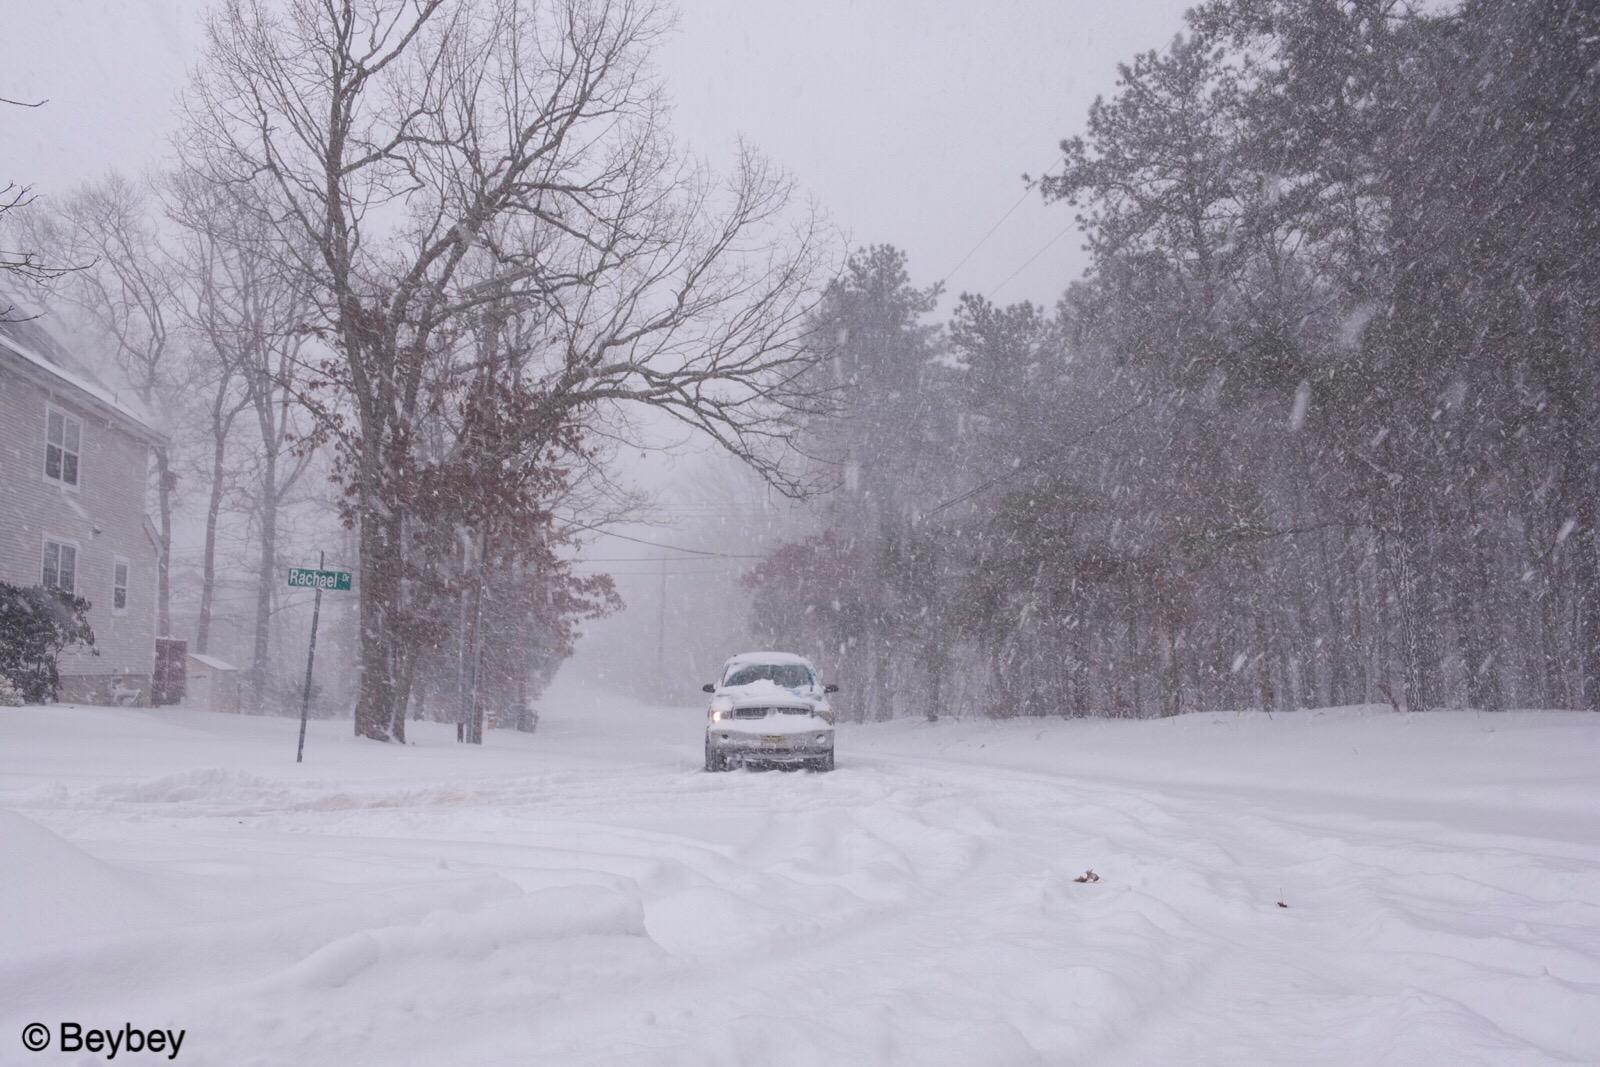 暴風雪來臨,社區門口積雪已達5-6吋。(網友Beybey 2018/01/04 @美國新澤西州)